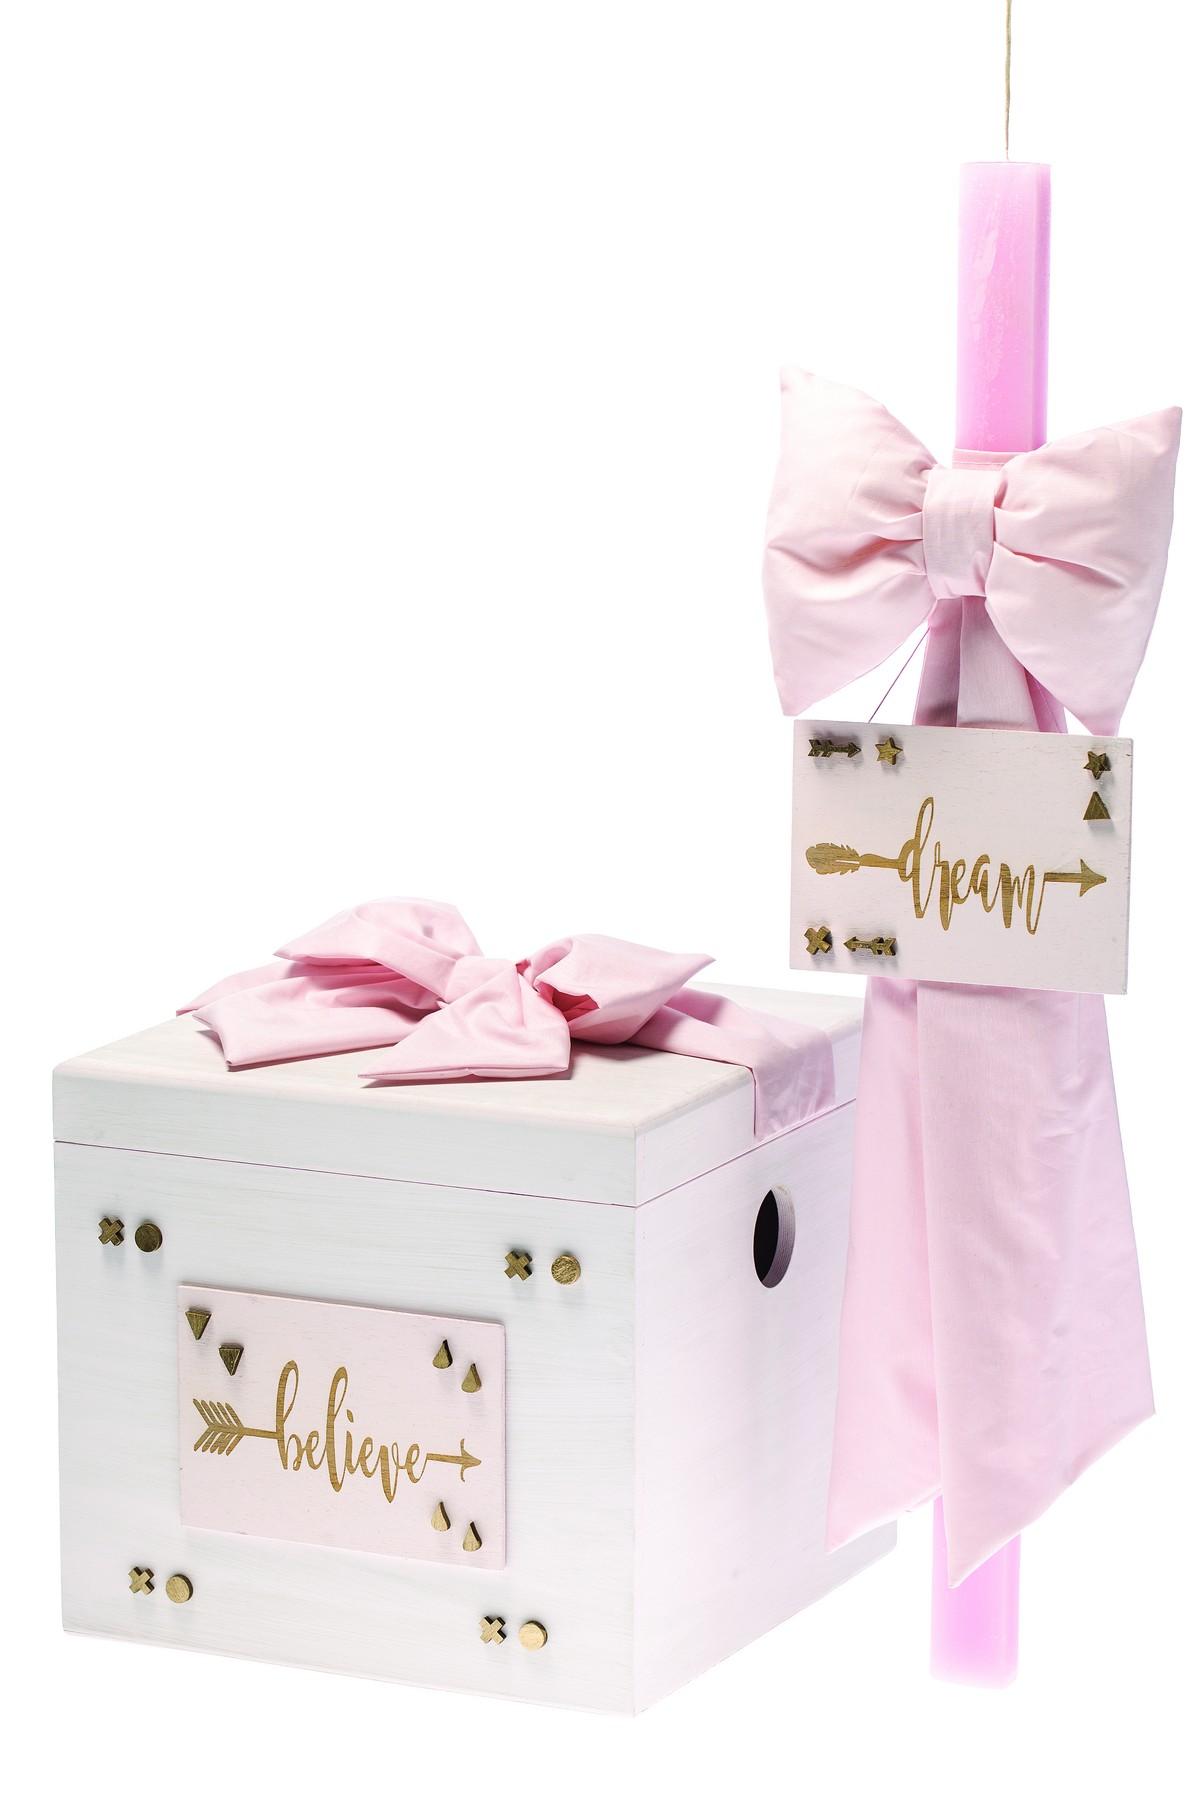 Λαμπάδα και Κουτί με ροζ φιόγκο και καδράκι